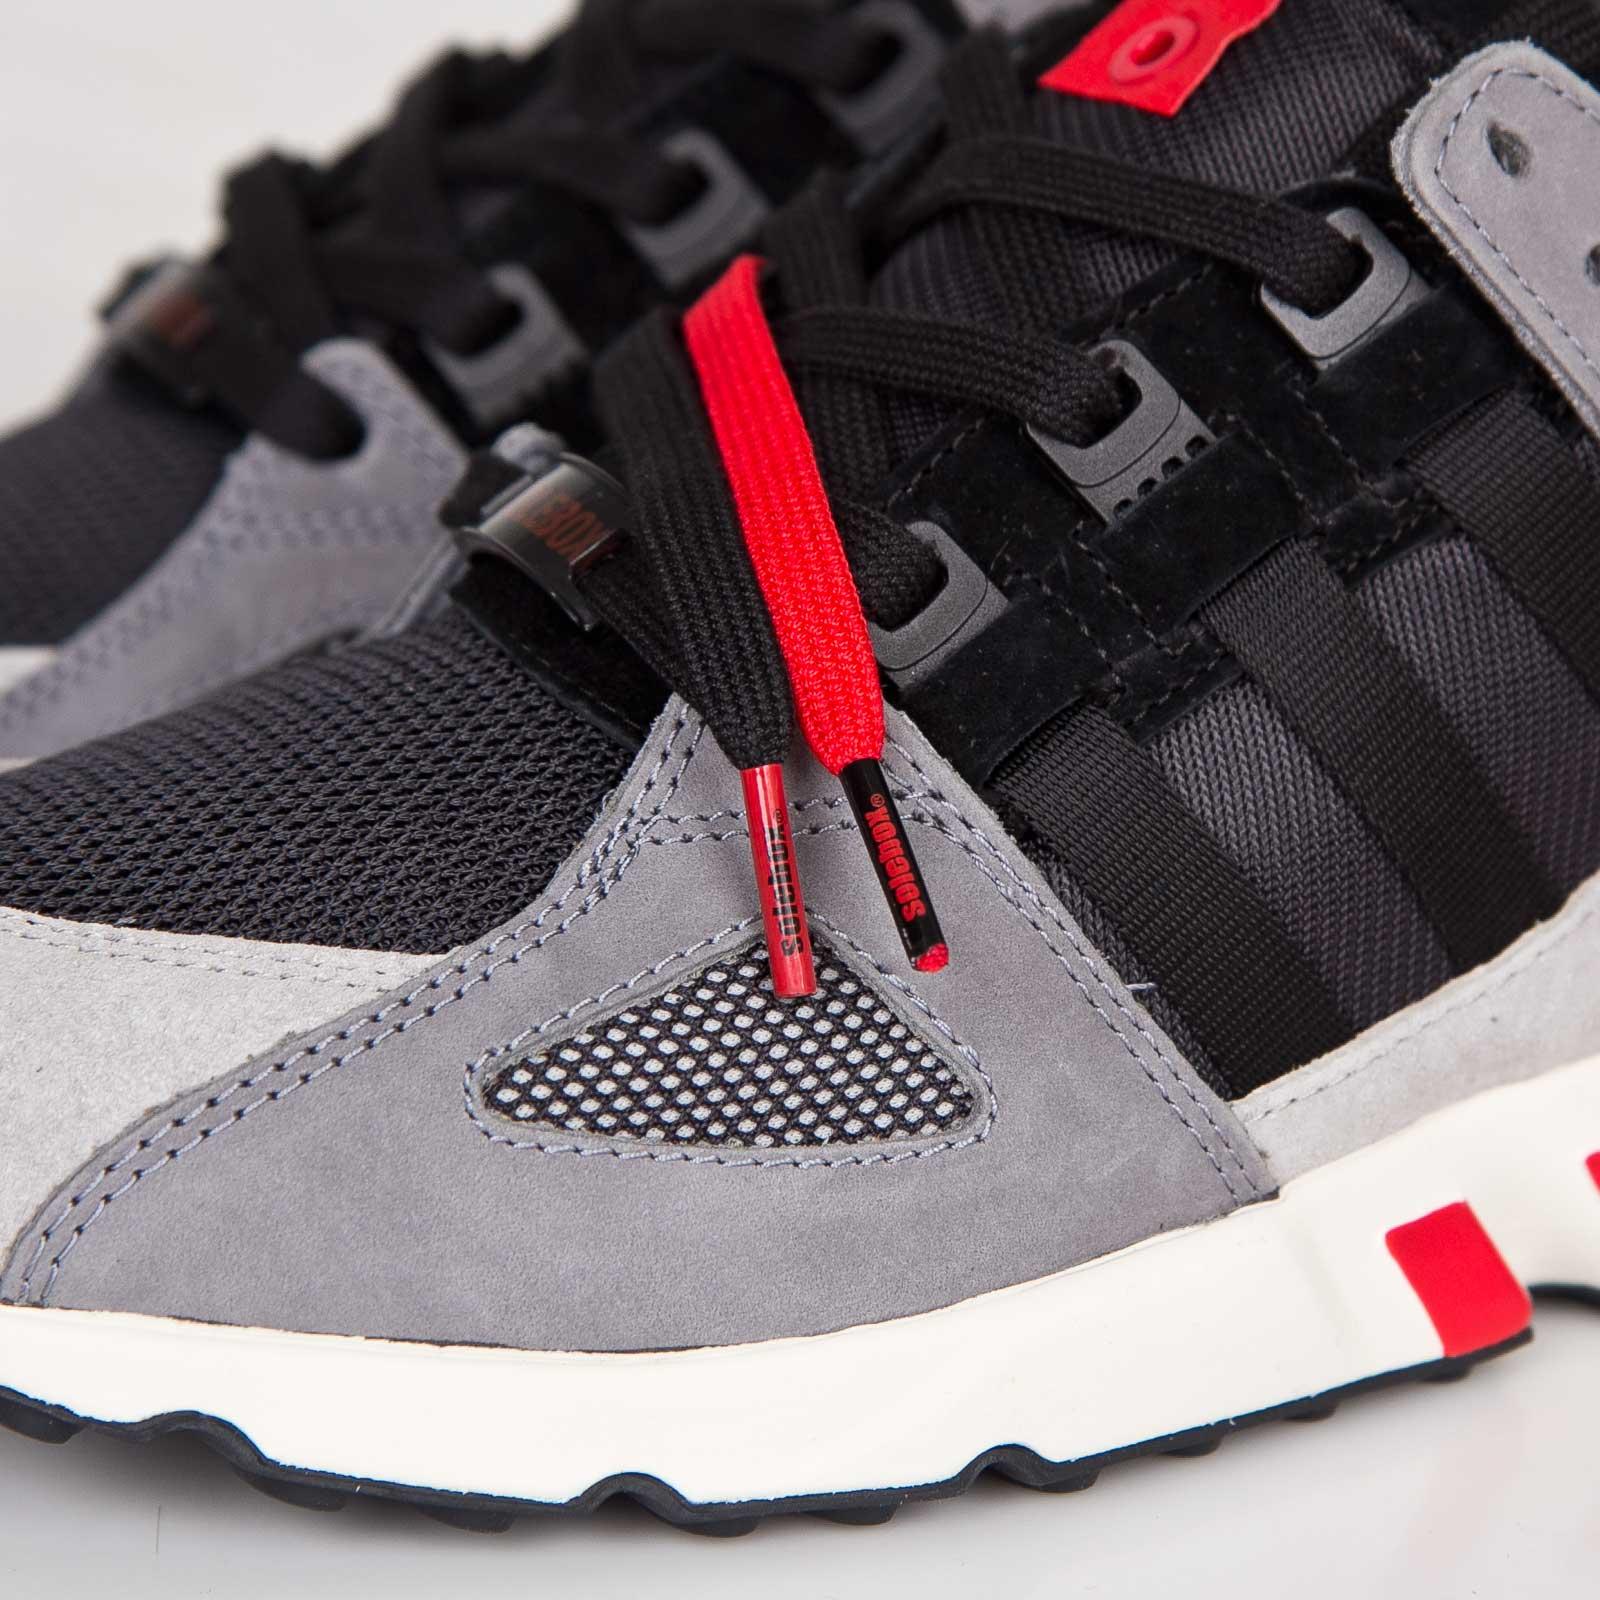 buy online 11b4d f8a38 adidas Equipment RNG Guidance 93 ... new arrivals b4db7 ce3de Adidas  Equipment Running ...